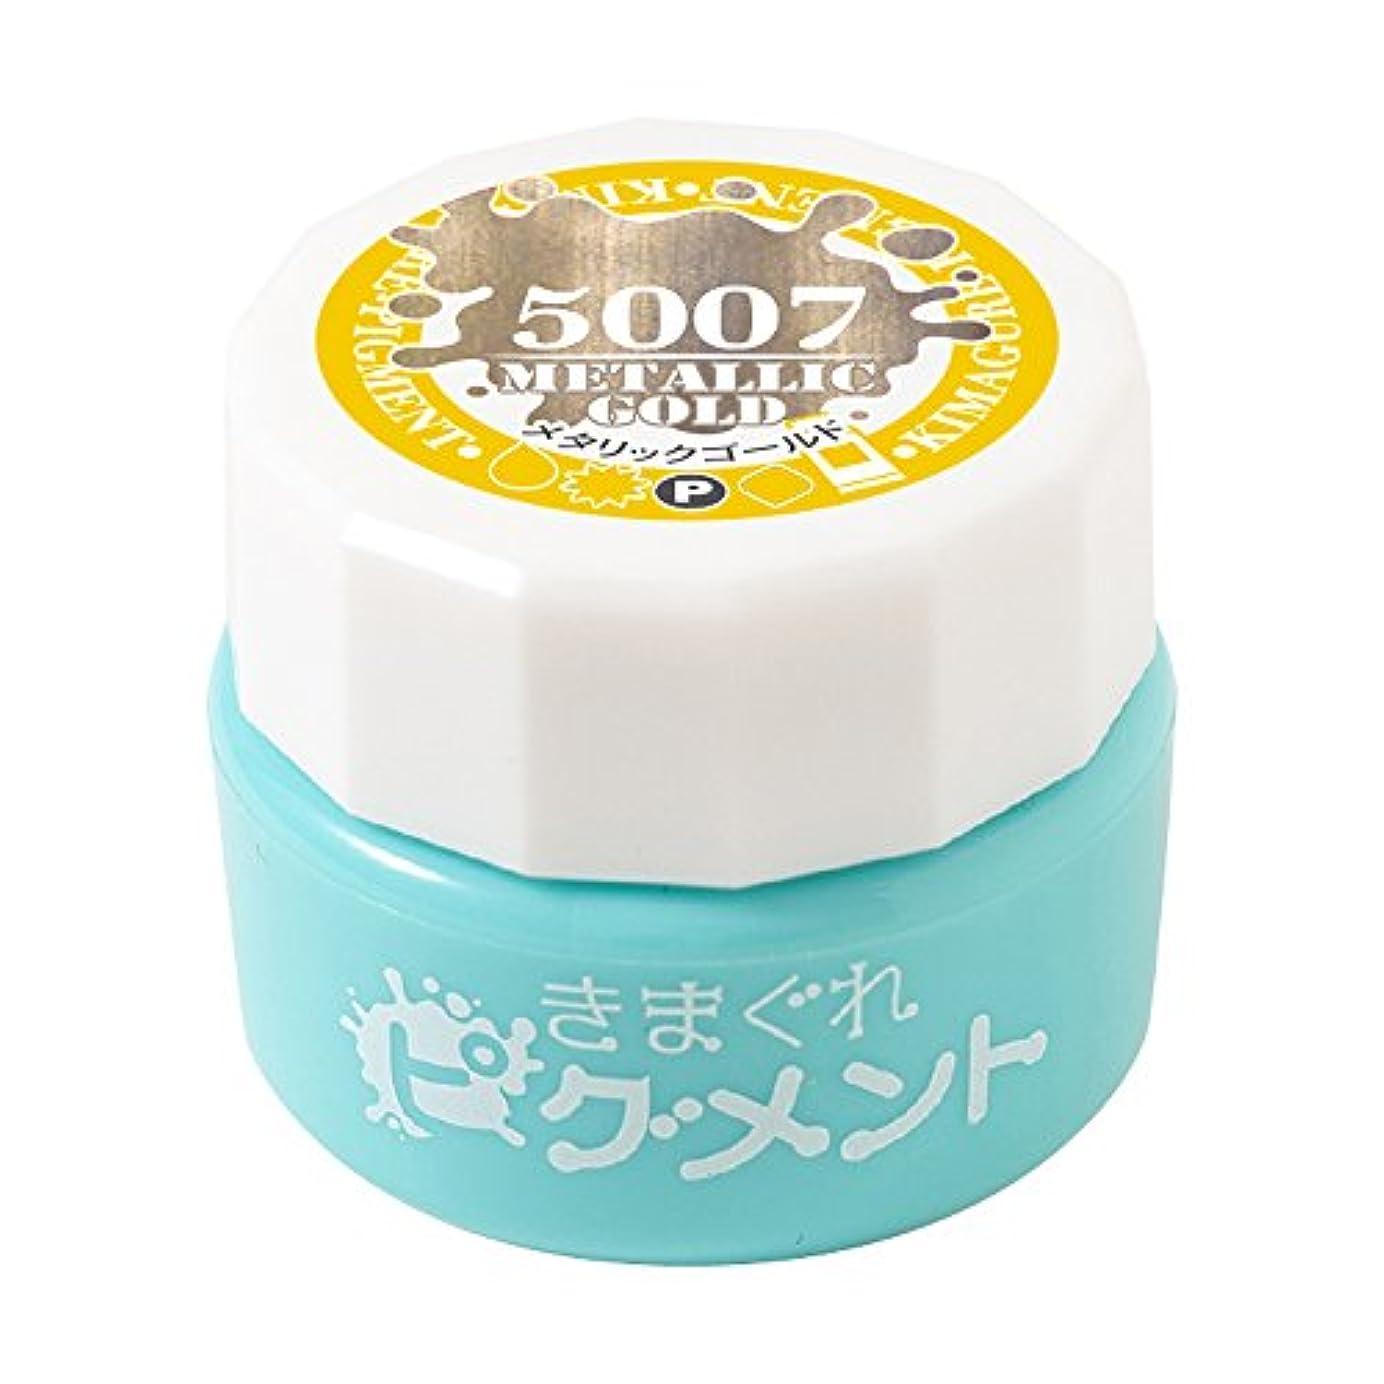 笑い飼い慣らすパーティションBettygel きまぐれピグメント メタリックゴールド QYJ-5007 4g UV/LED対応